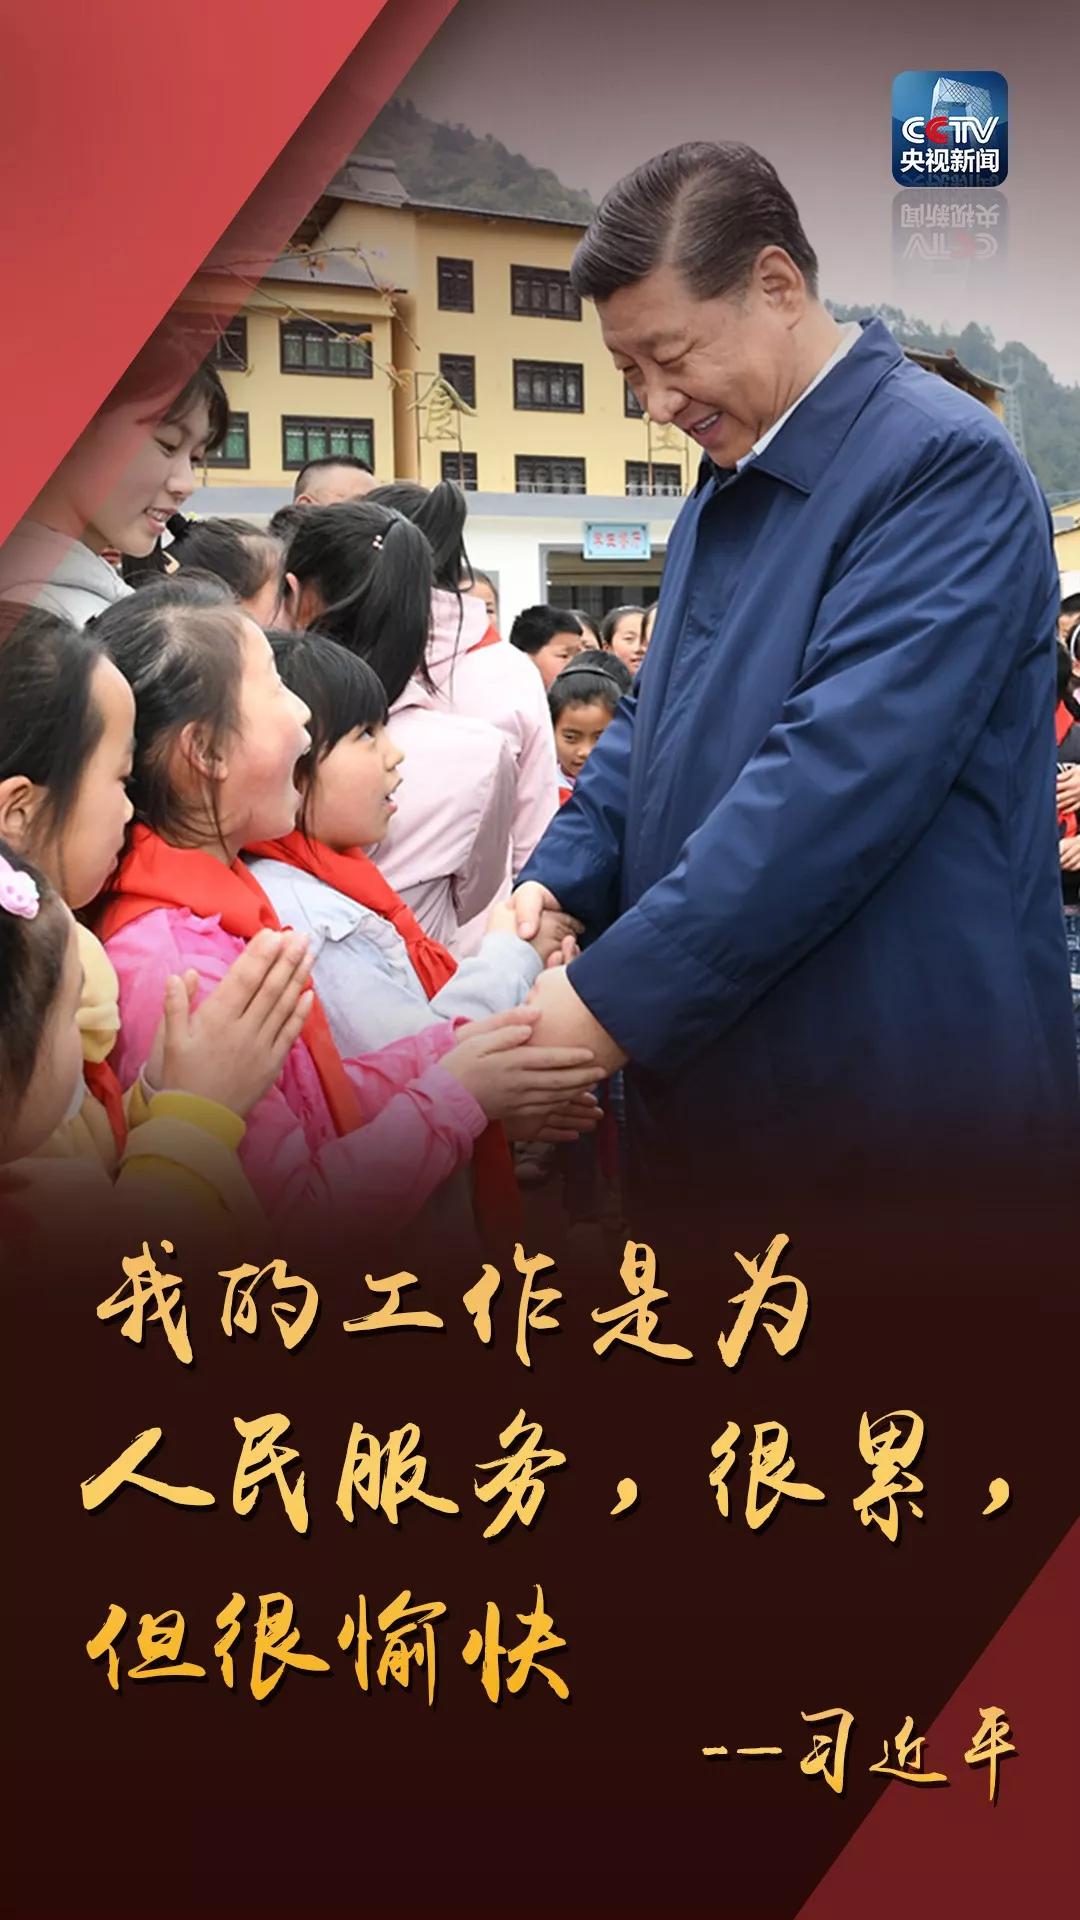 习近平:我的工作是为人民服务,很累,但很愉快